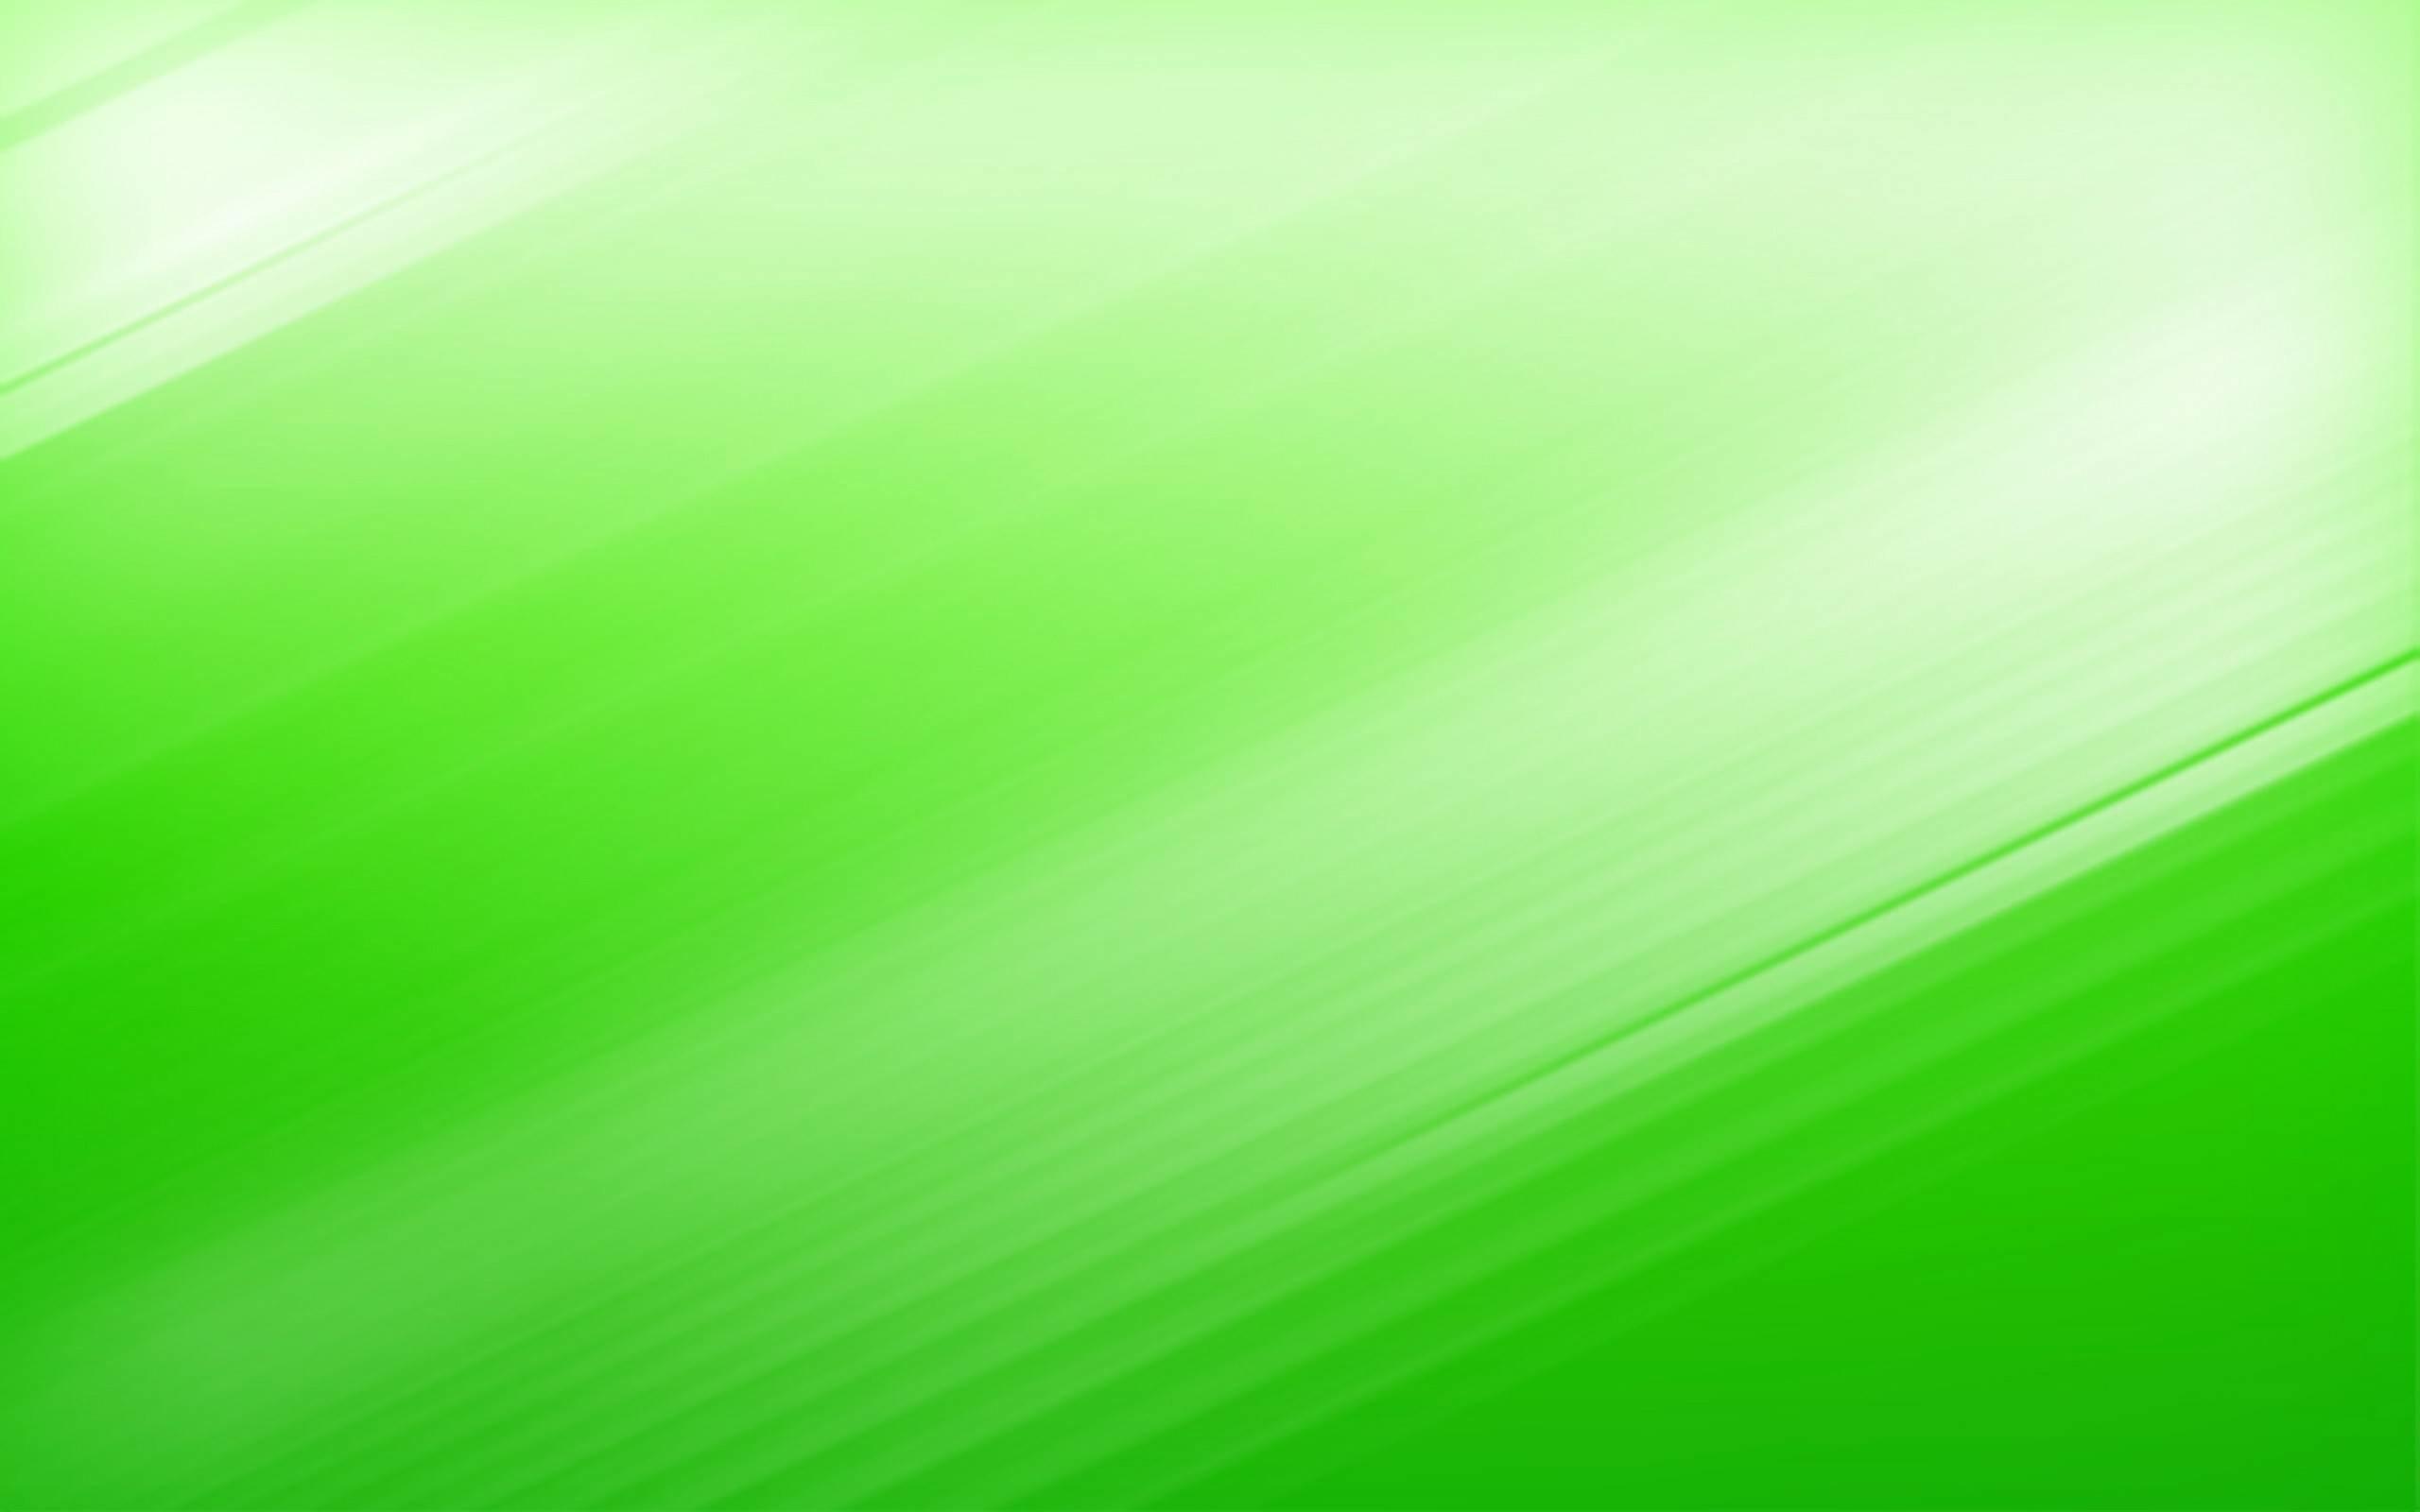 green-bg-02